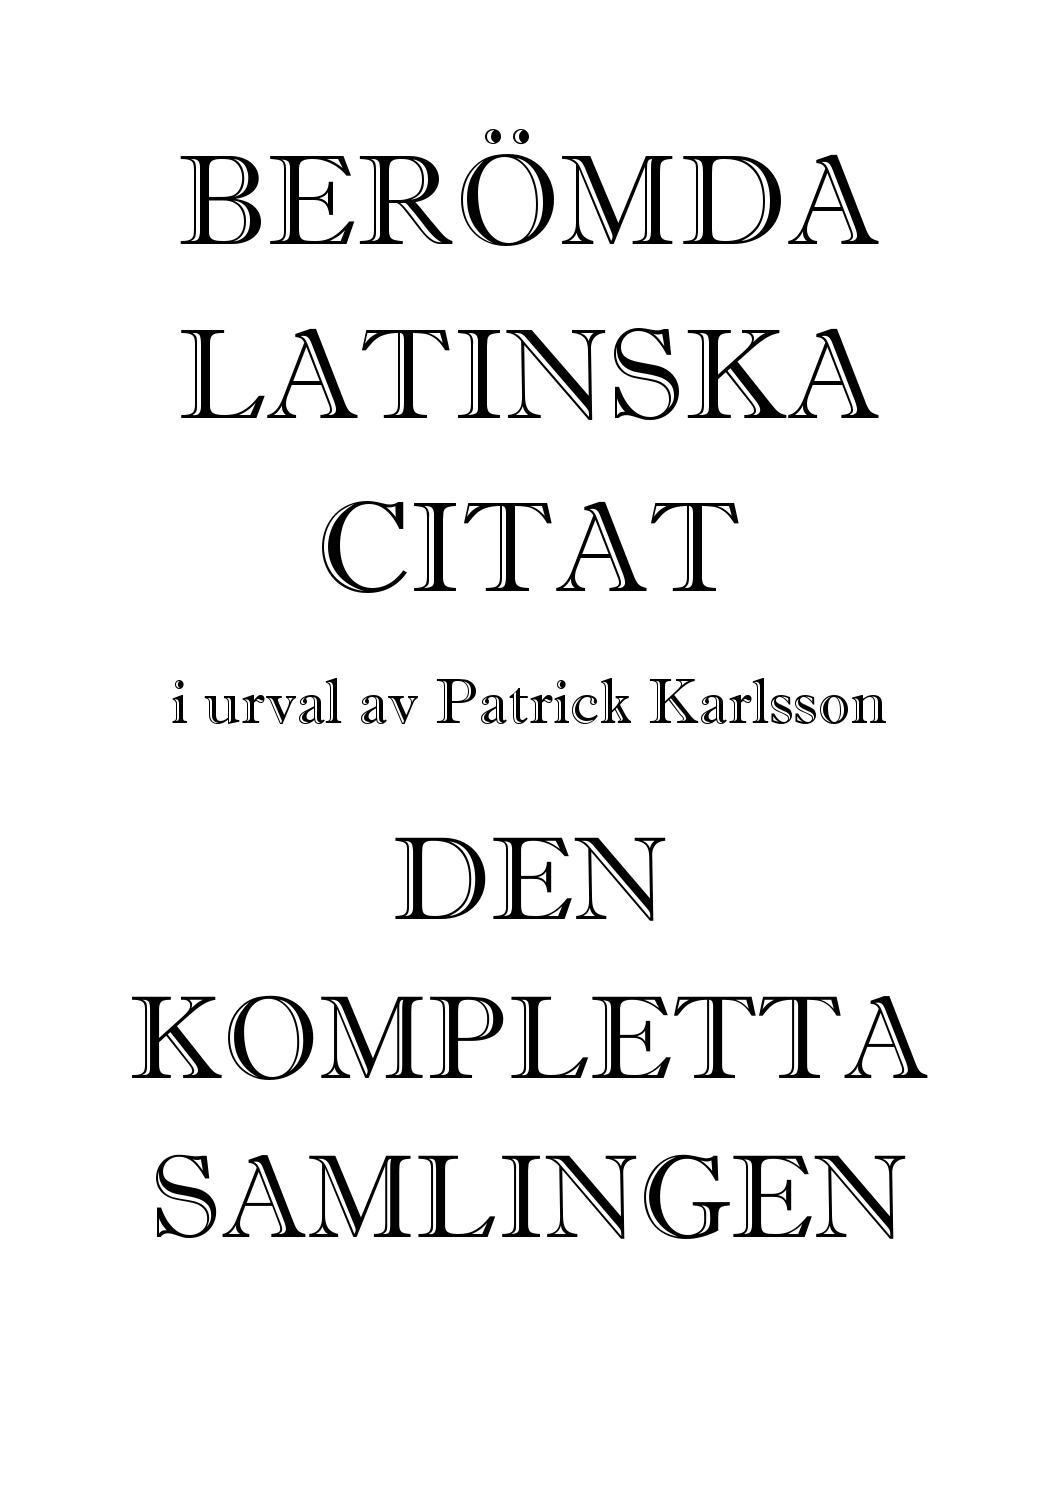 citat på latin om kärlek Berömda latinska citat by Fantasifabriken Lillholmsskolan   issuu citat på latin om kärlek